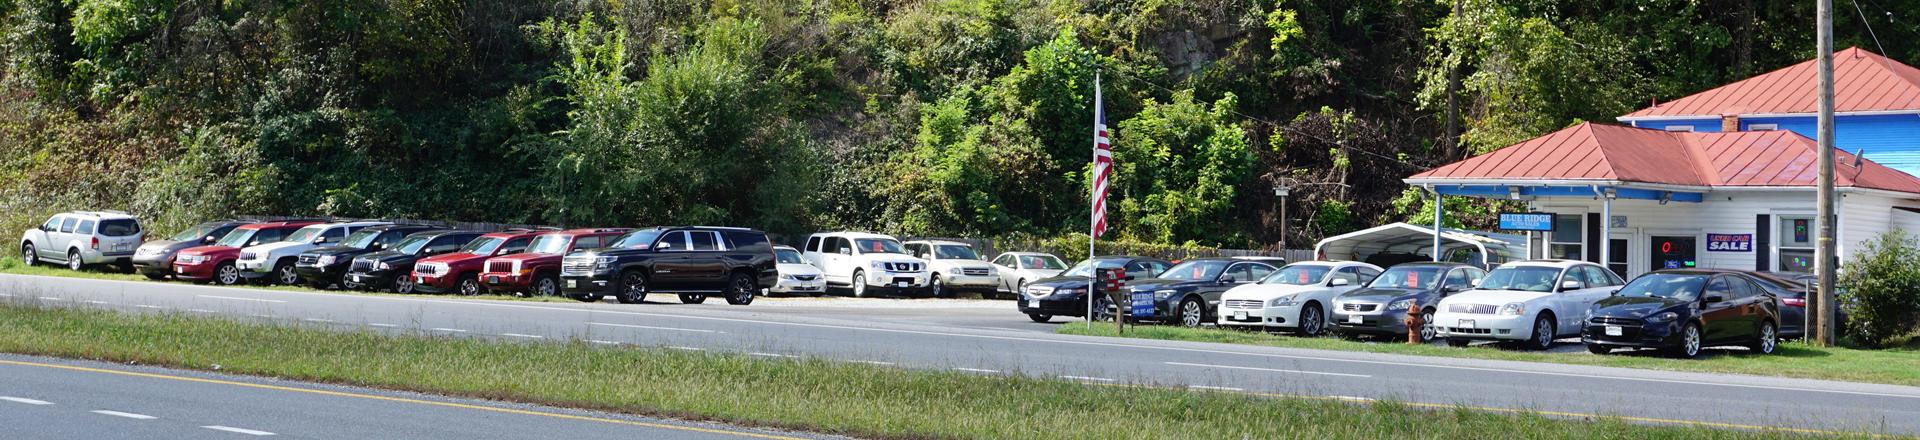 Blue Ridge Auto Sales >> Used Cars Roanoke Va Used Cars Trucks Va Blue Ridge Auto Sales